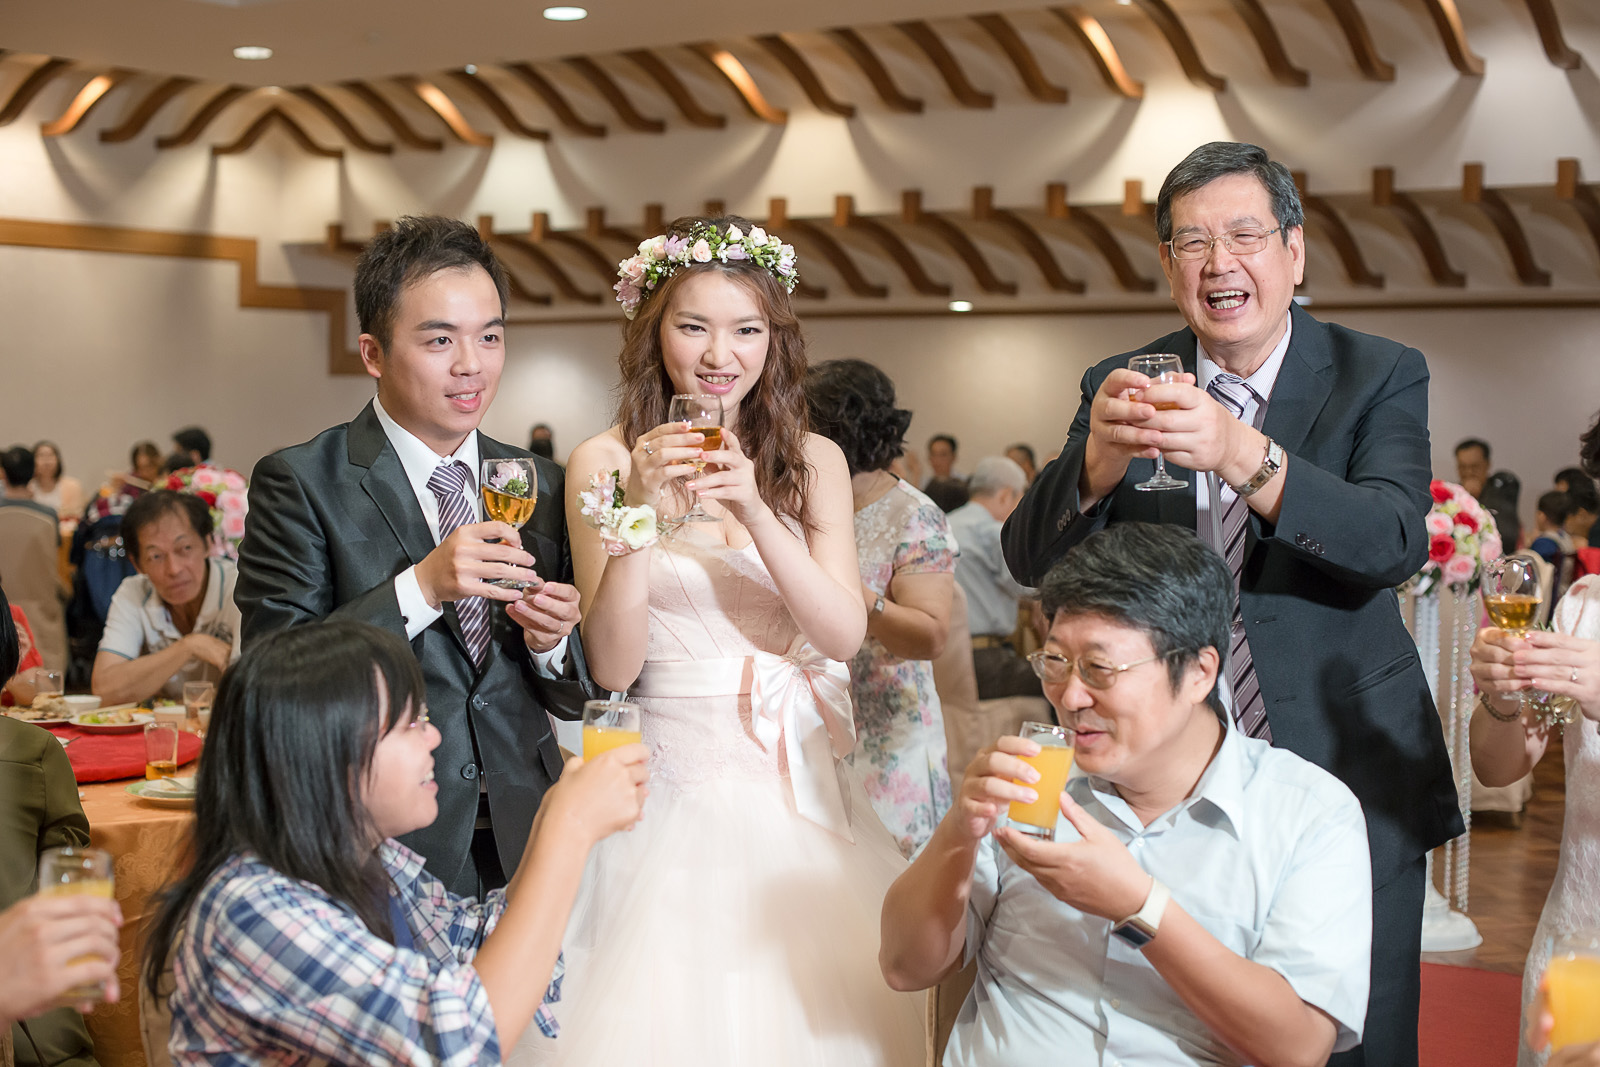 高雄圓山飯店,婚禮攝影,婚攝,高雄婚攝,優質婚攝推薦,Jen&Ethan